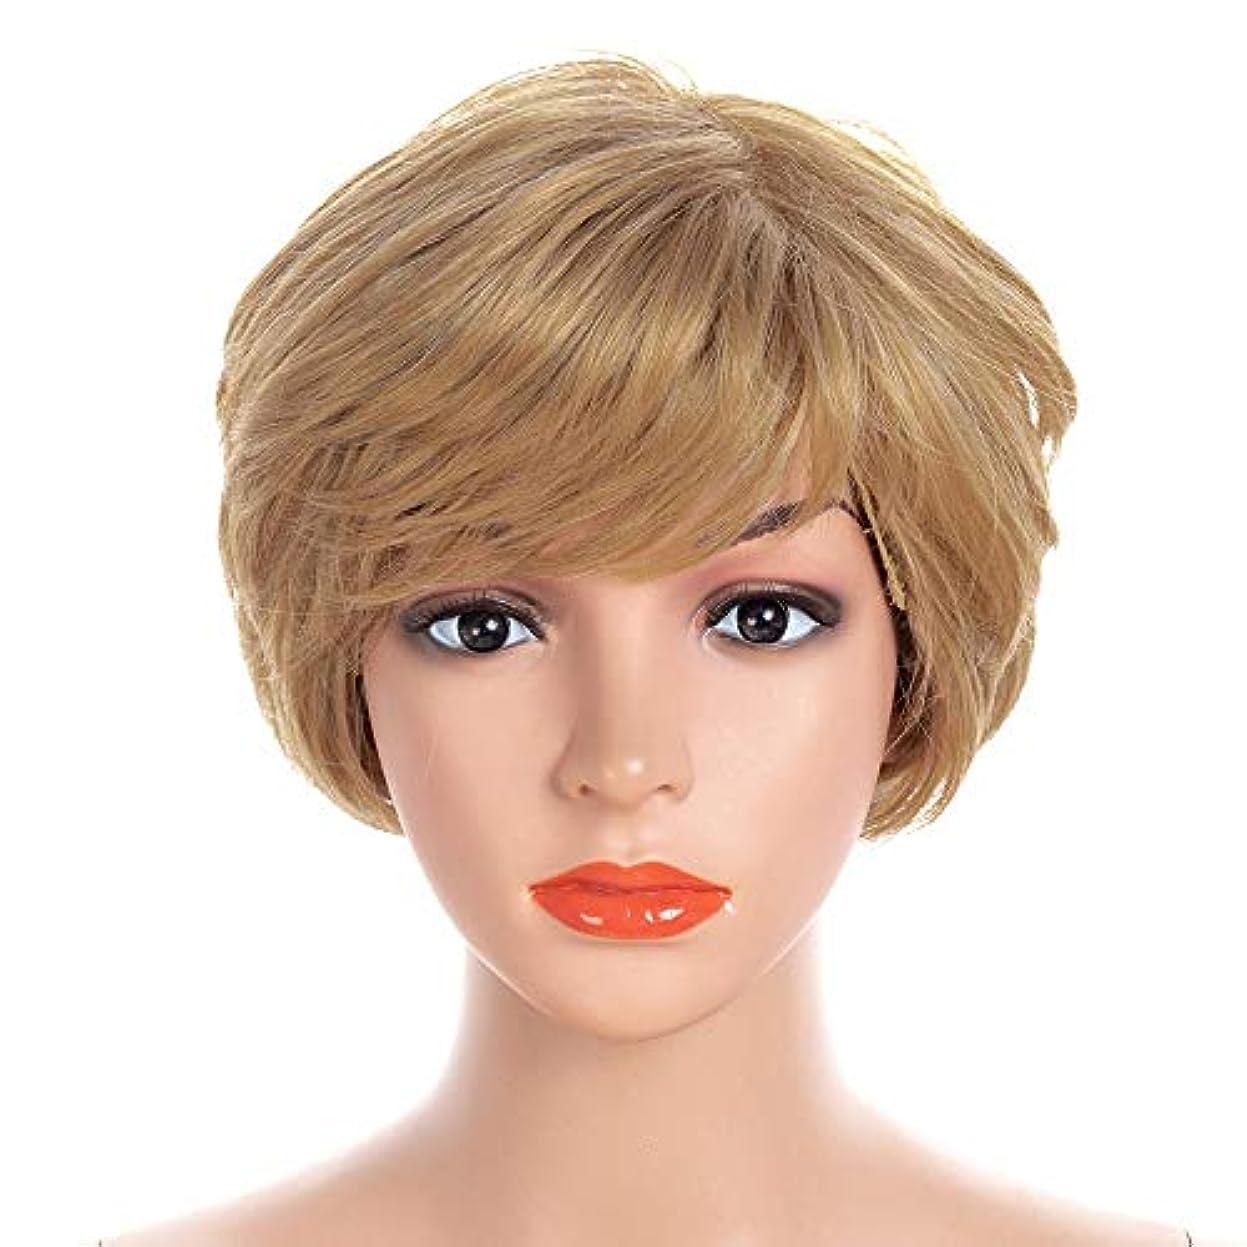 帝国危険ブランチYOUQIU 無料ヘアーネットコスプレパーティードレスウィッグでは人工毛ボブショートカーリーブロンド髪 (色 : Blonde, サイズ : 30cm)